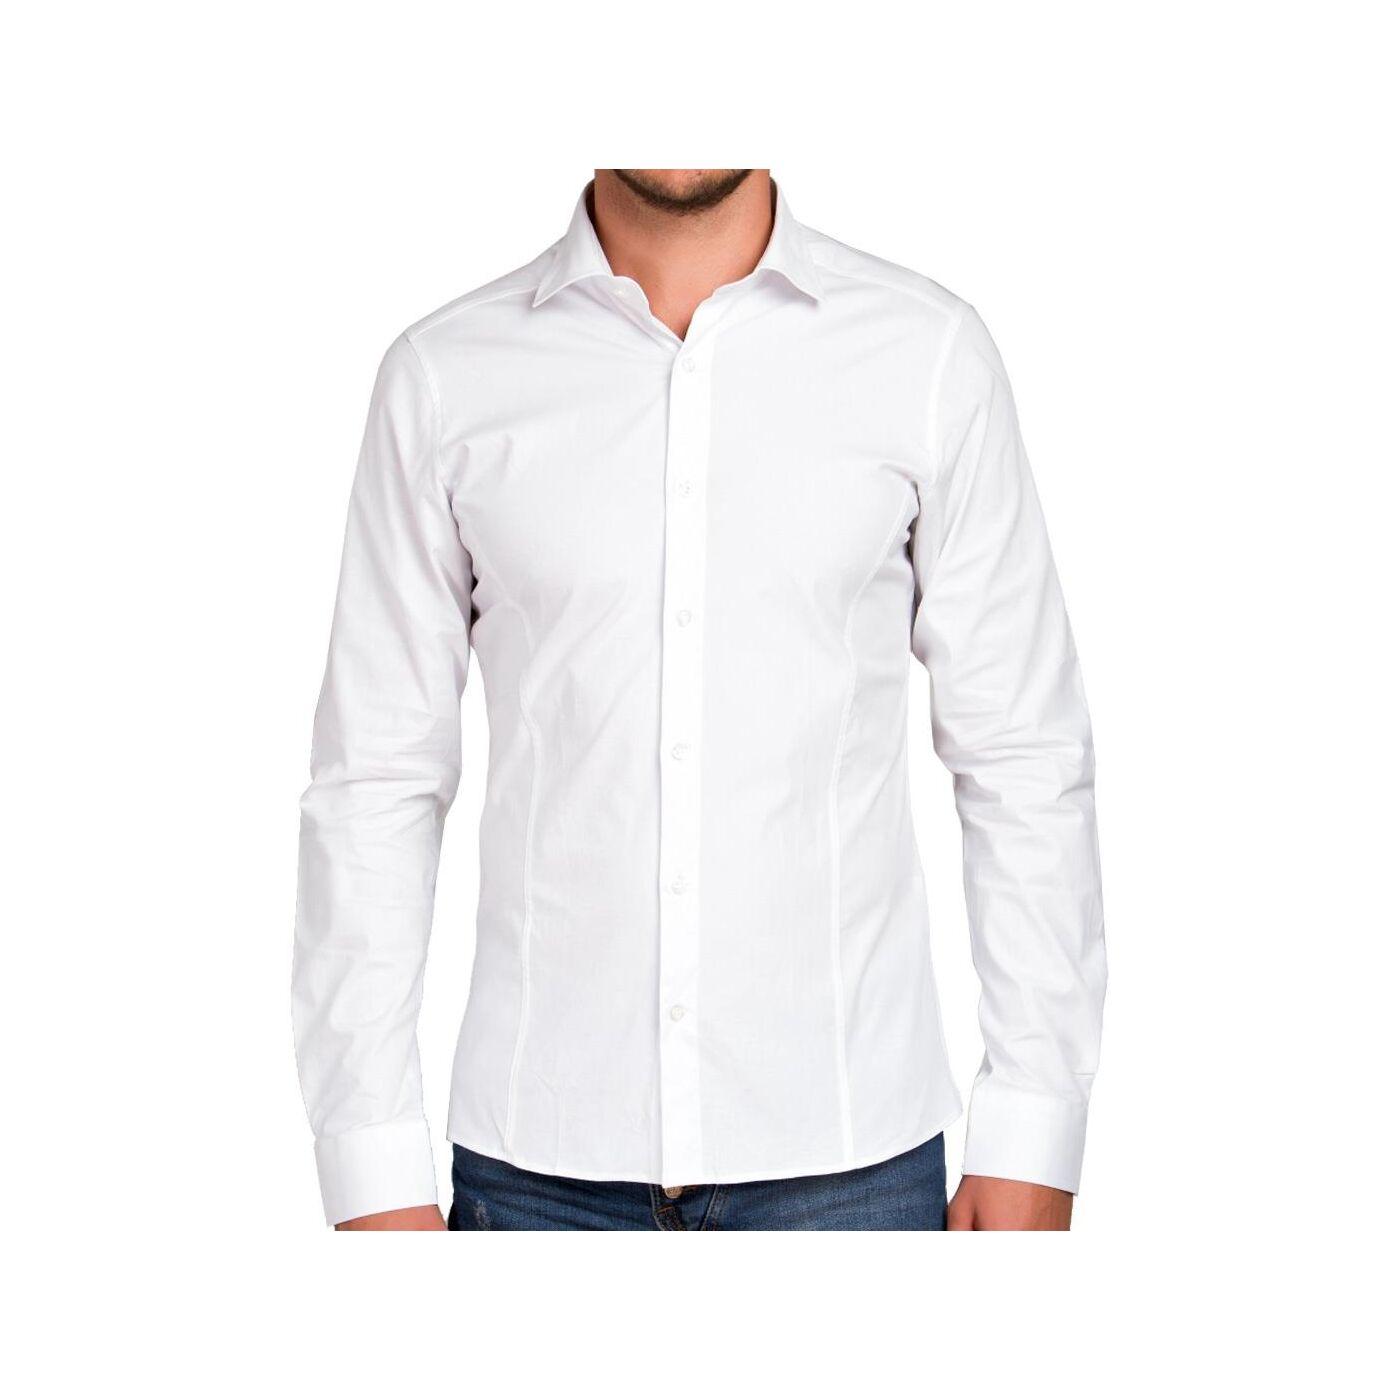 Mit Tasche Herren Hemden Herren Hemden Weiße Weiße SVpzUM